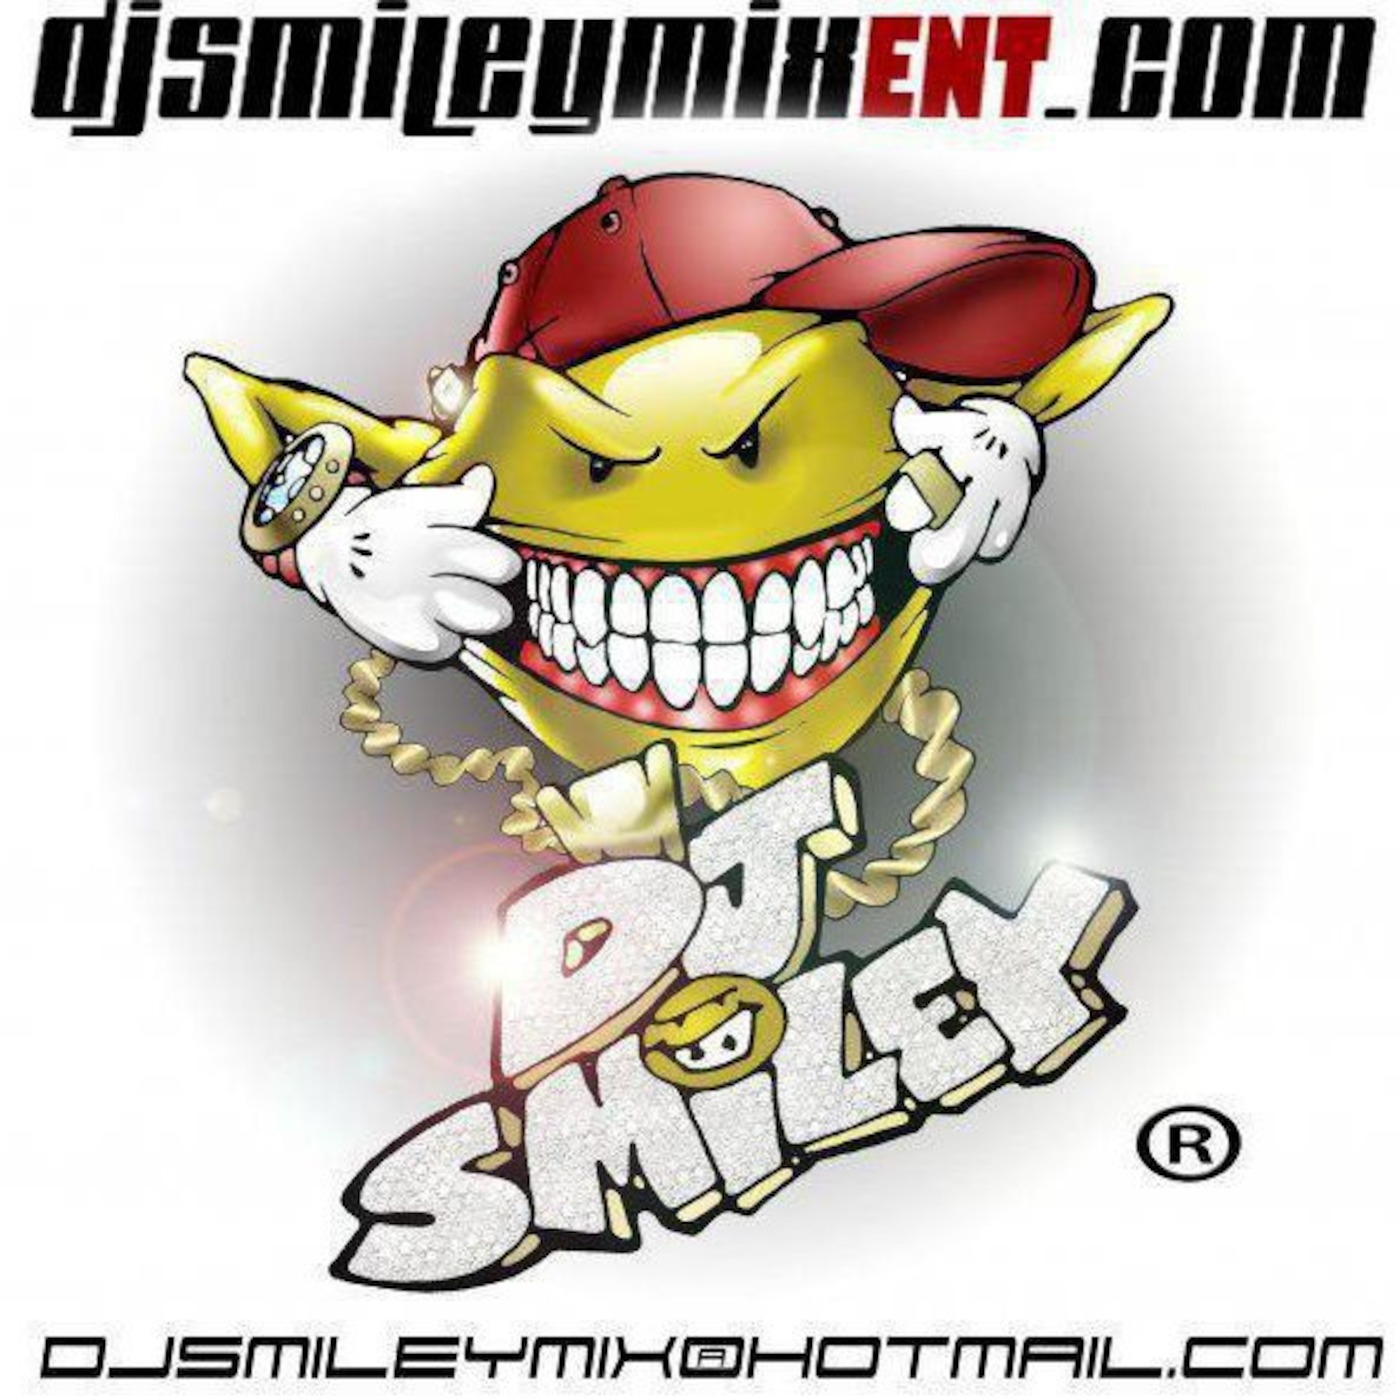 DJSmiley Mix ENT